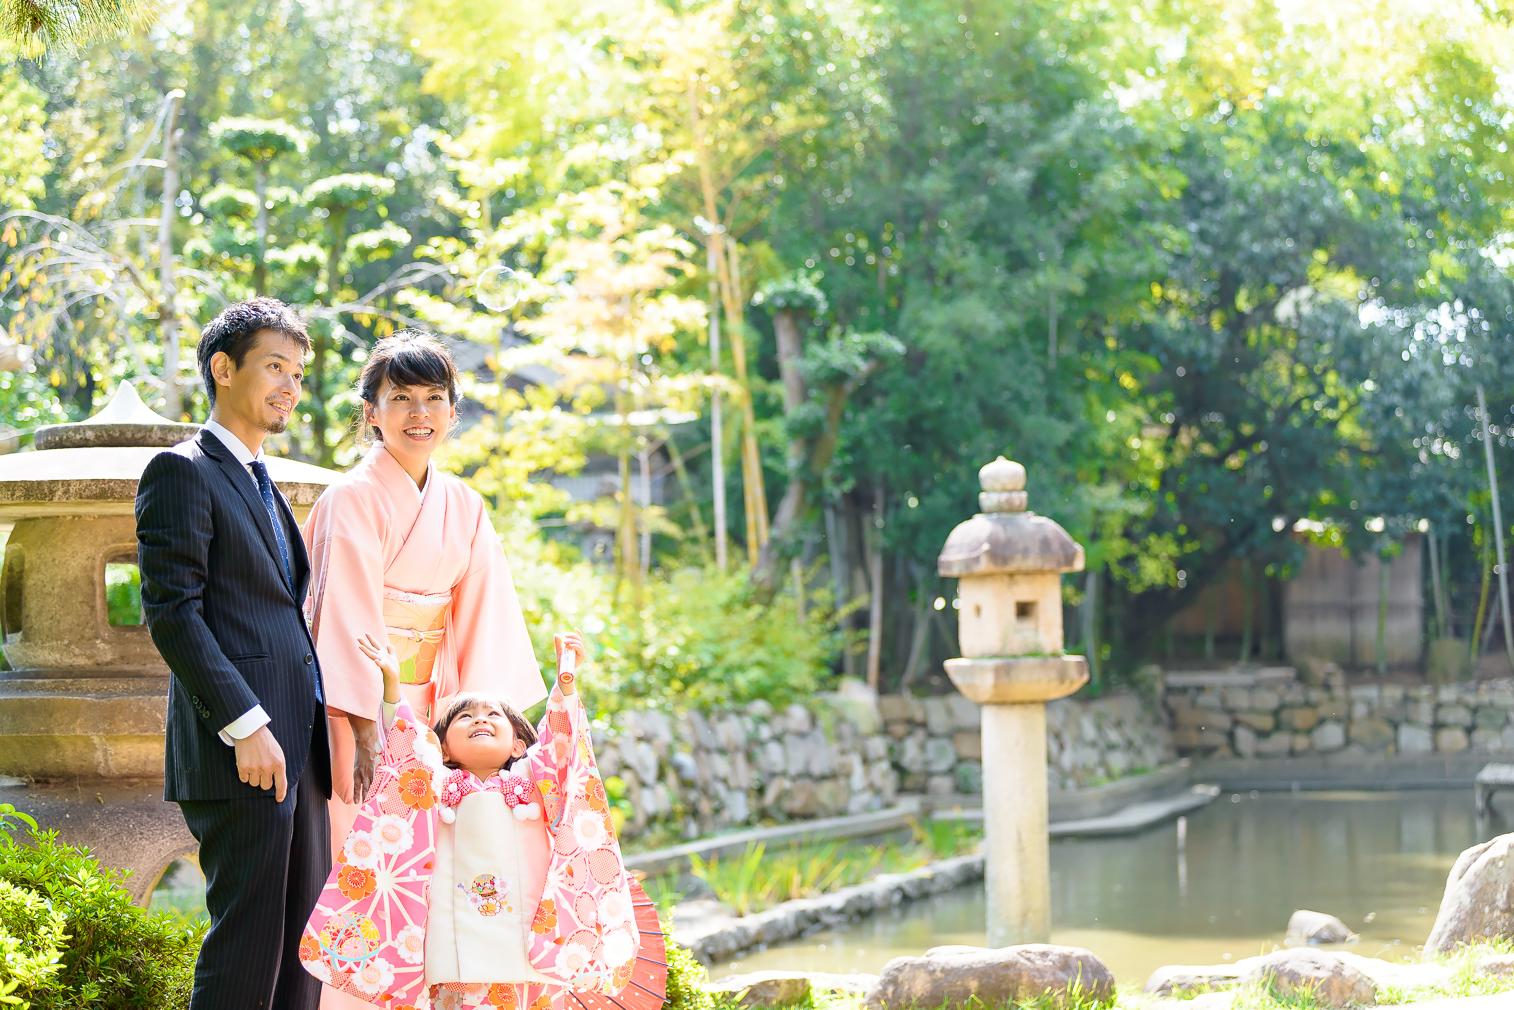 初めての七五三!!3歳女の子の神社ロケーション撮影!!@西宮神社